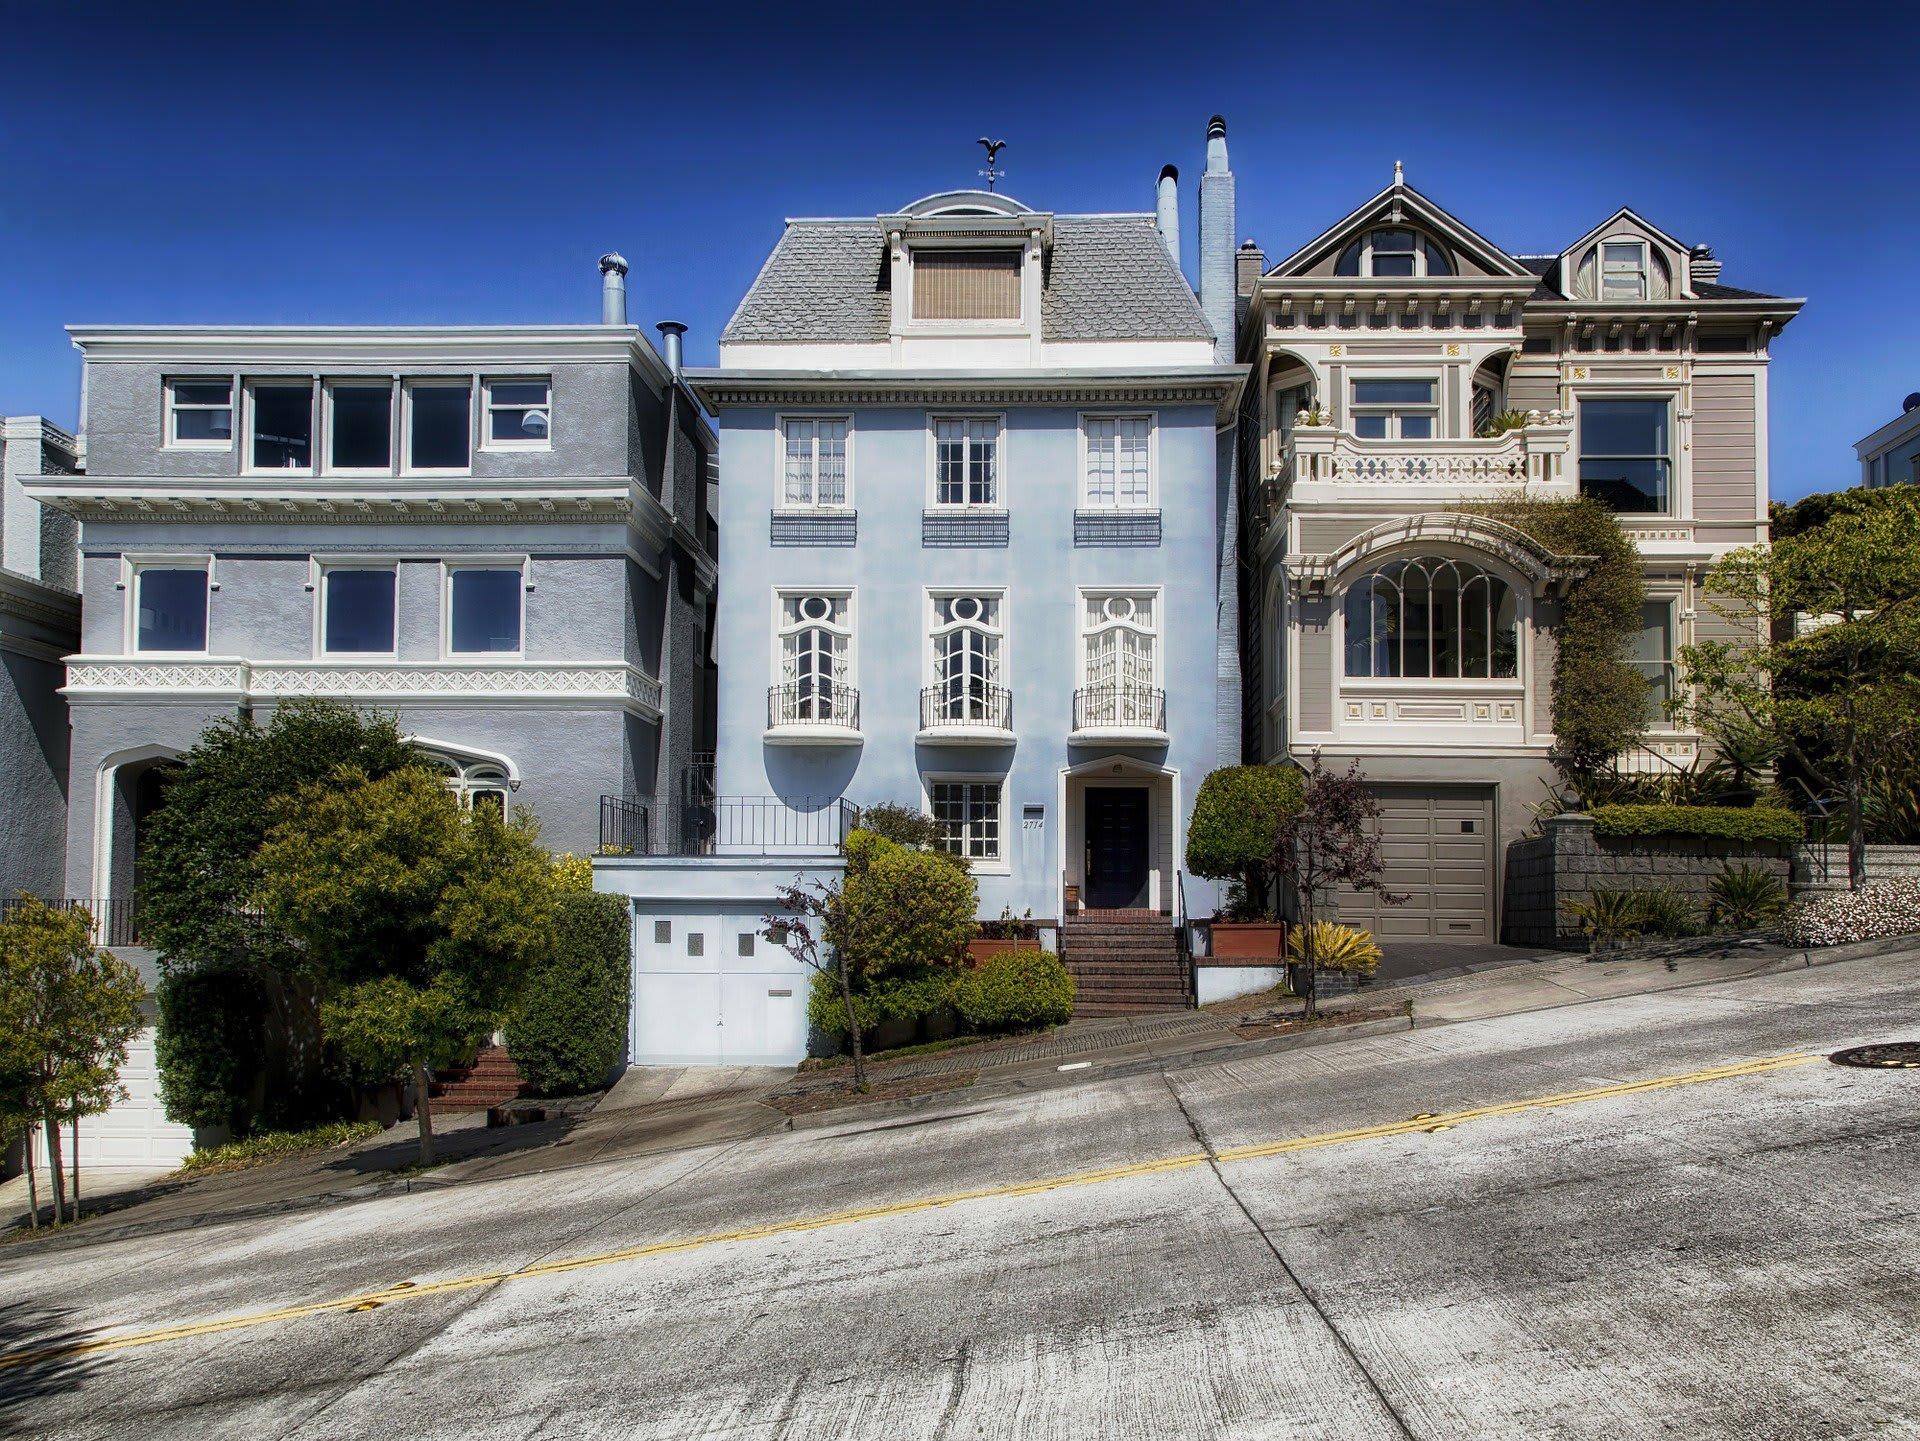 San Francisco'da ev ve oda kiralarken uzak durmanız gereken bölgeler